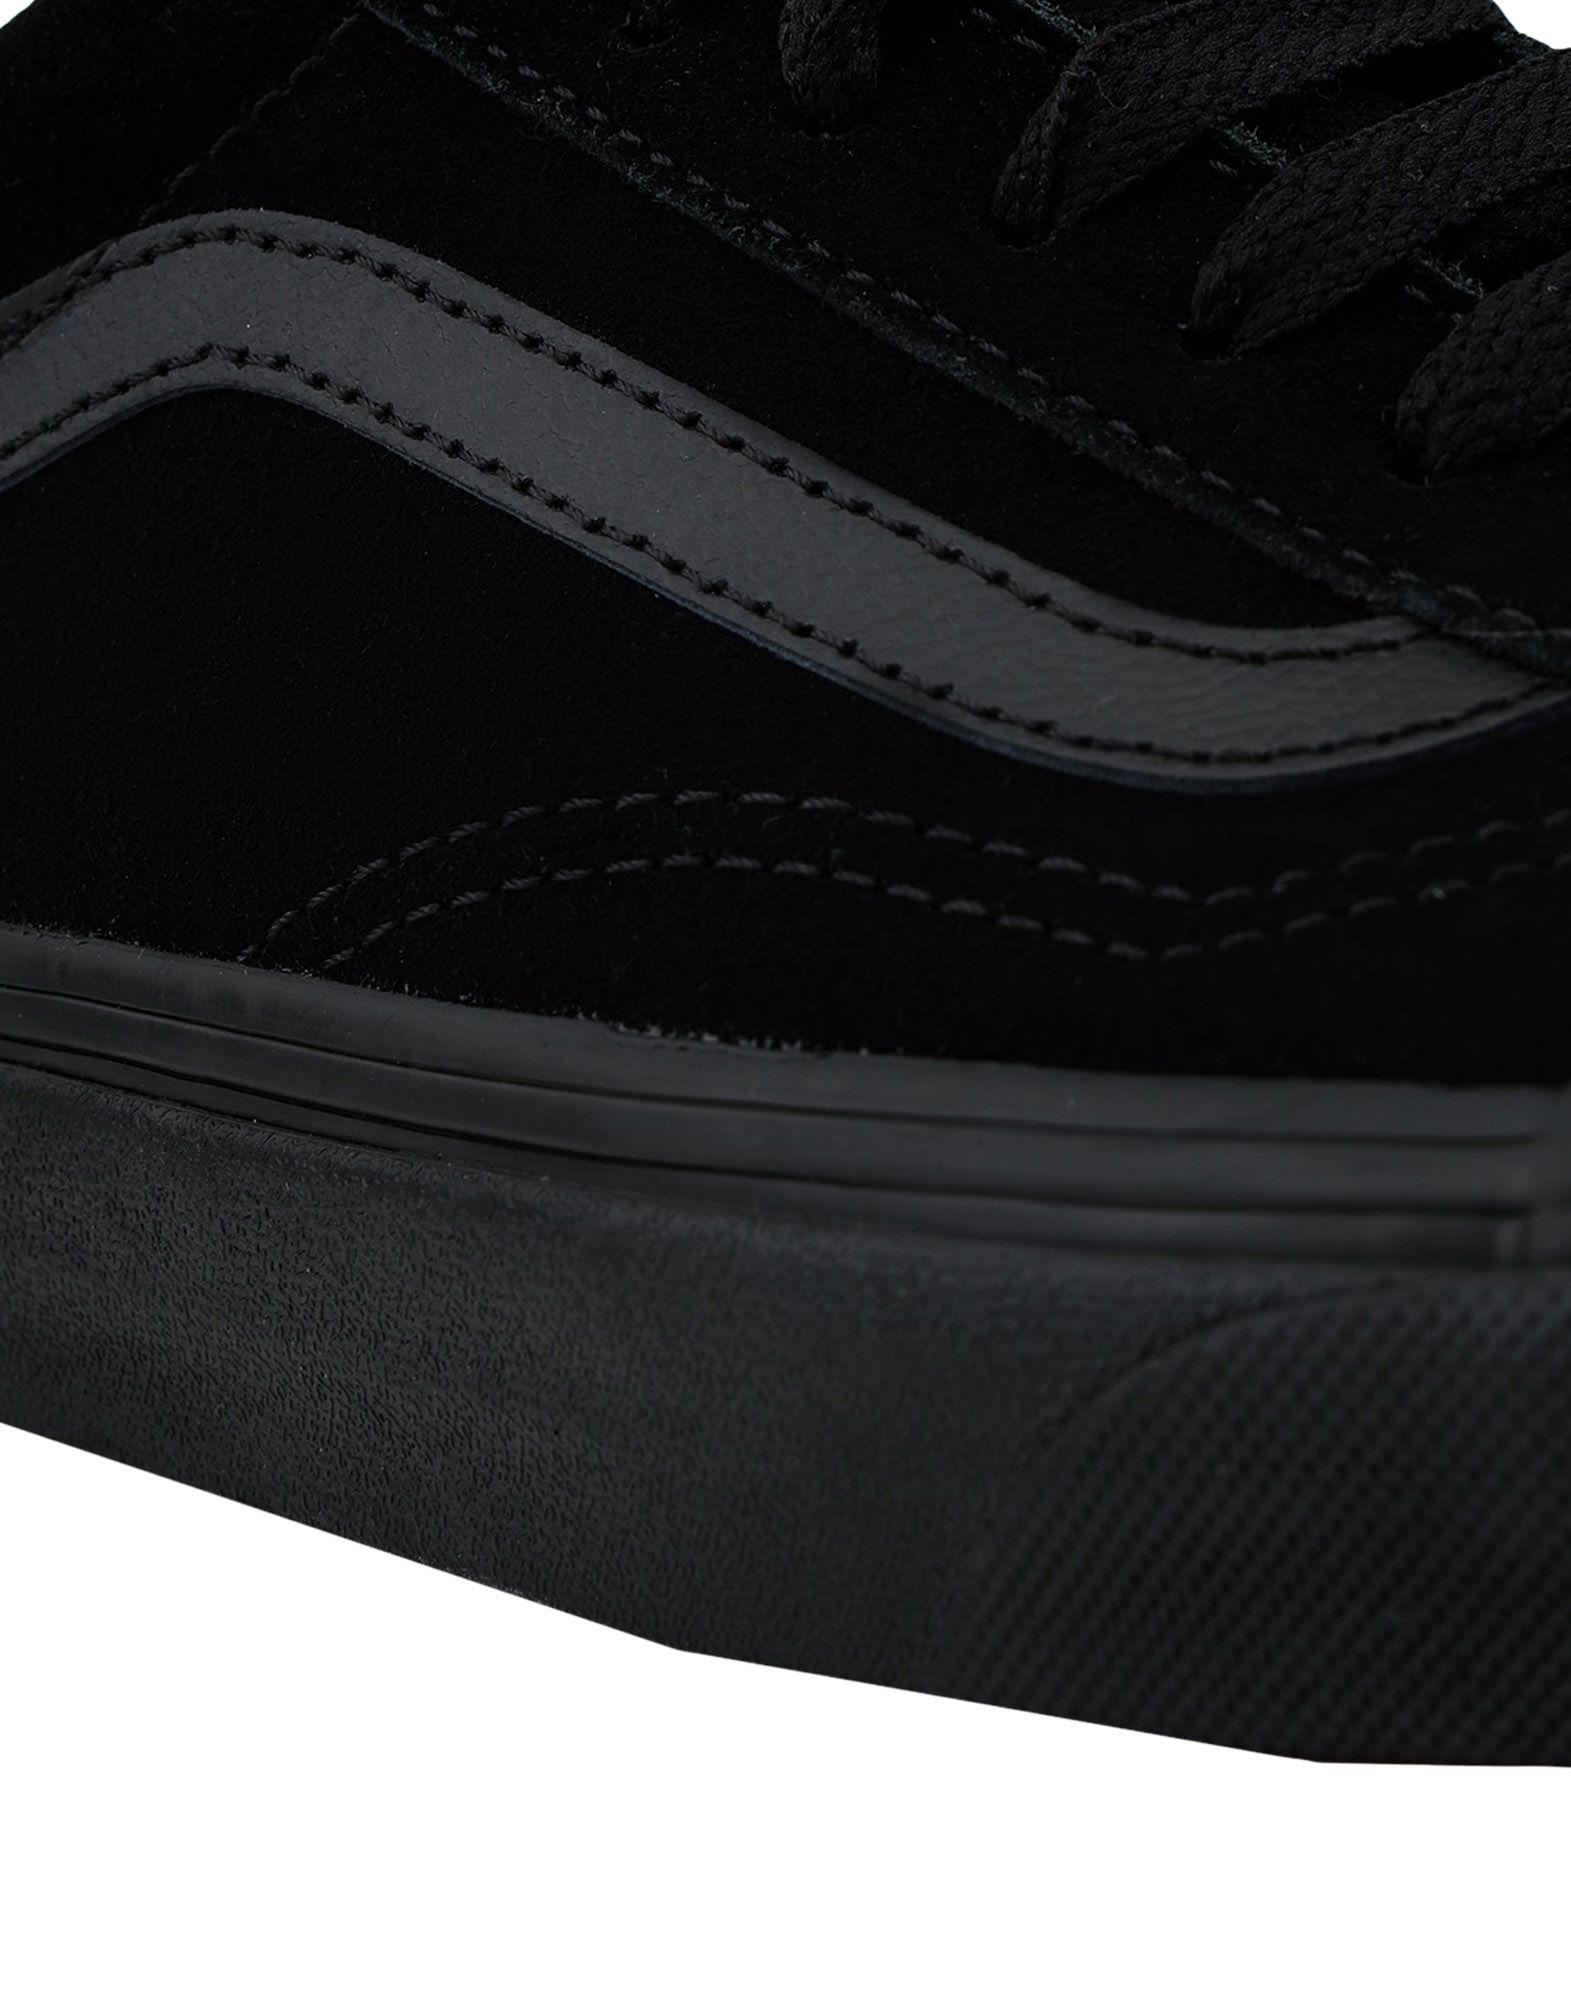 Vans Ua Old Sneakers Skool (Suede) Black/B - Sneakers Old - Women Vans Sneakers online on  Canada - 11562159UR 256bf2